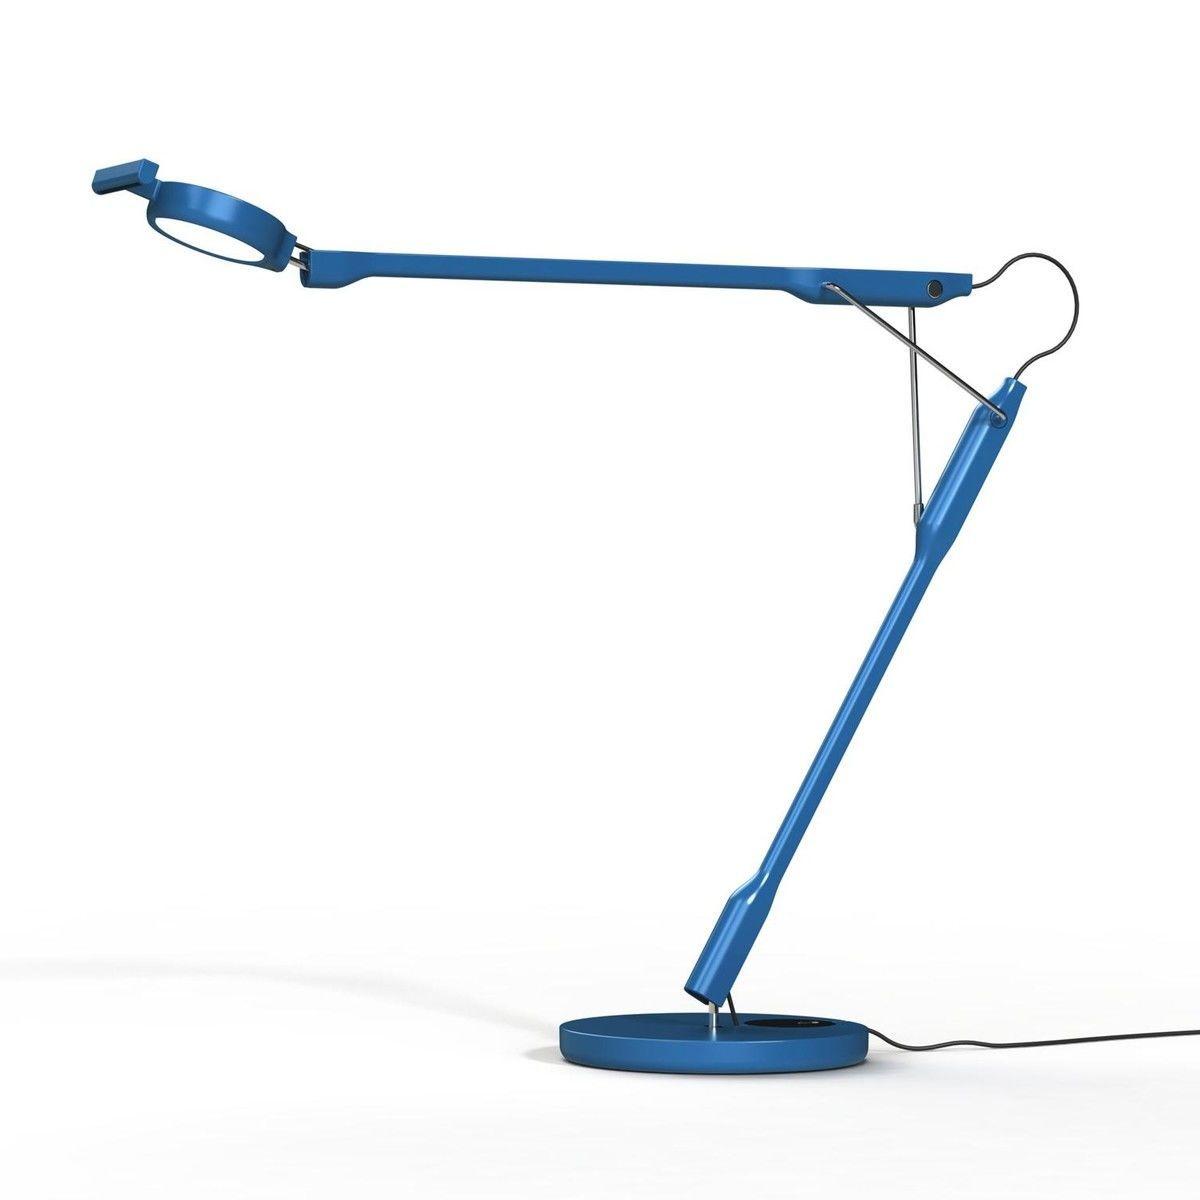 Tivedo led lampe de bureau dimmable luceplan - Lampe de bureau bleu ...